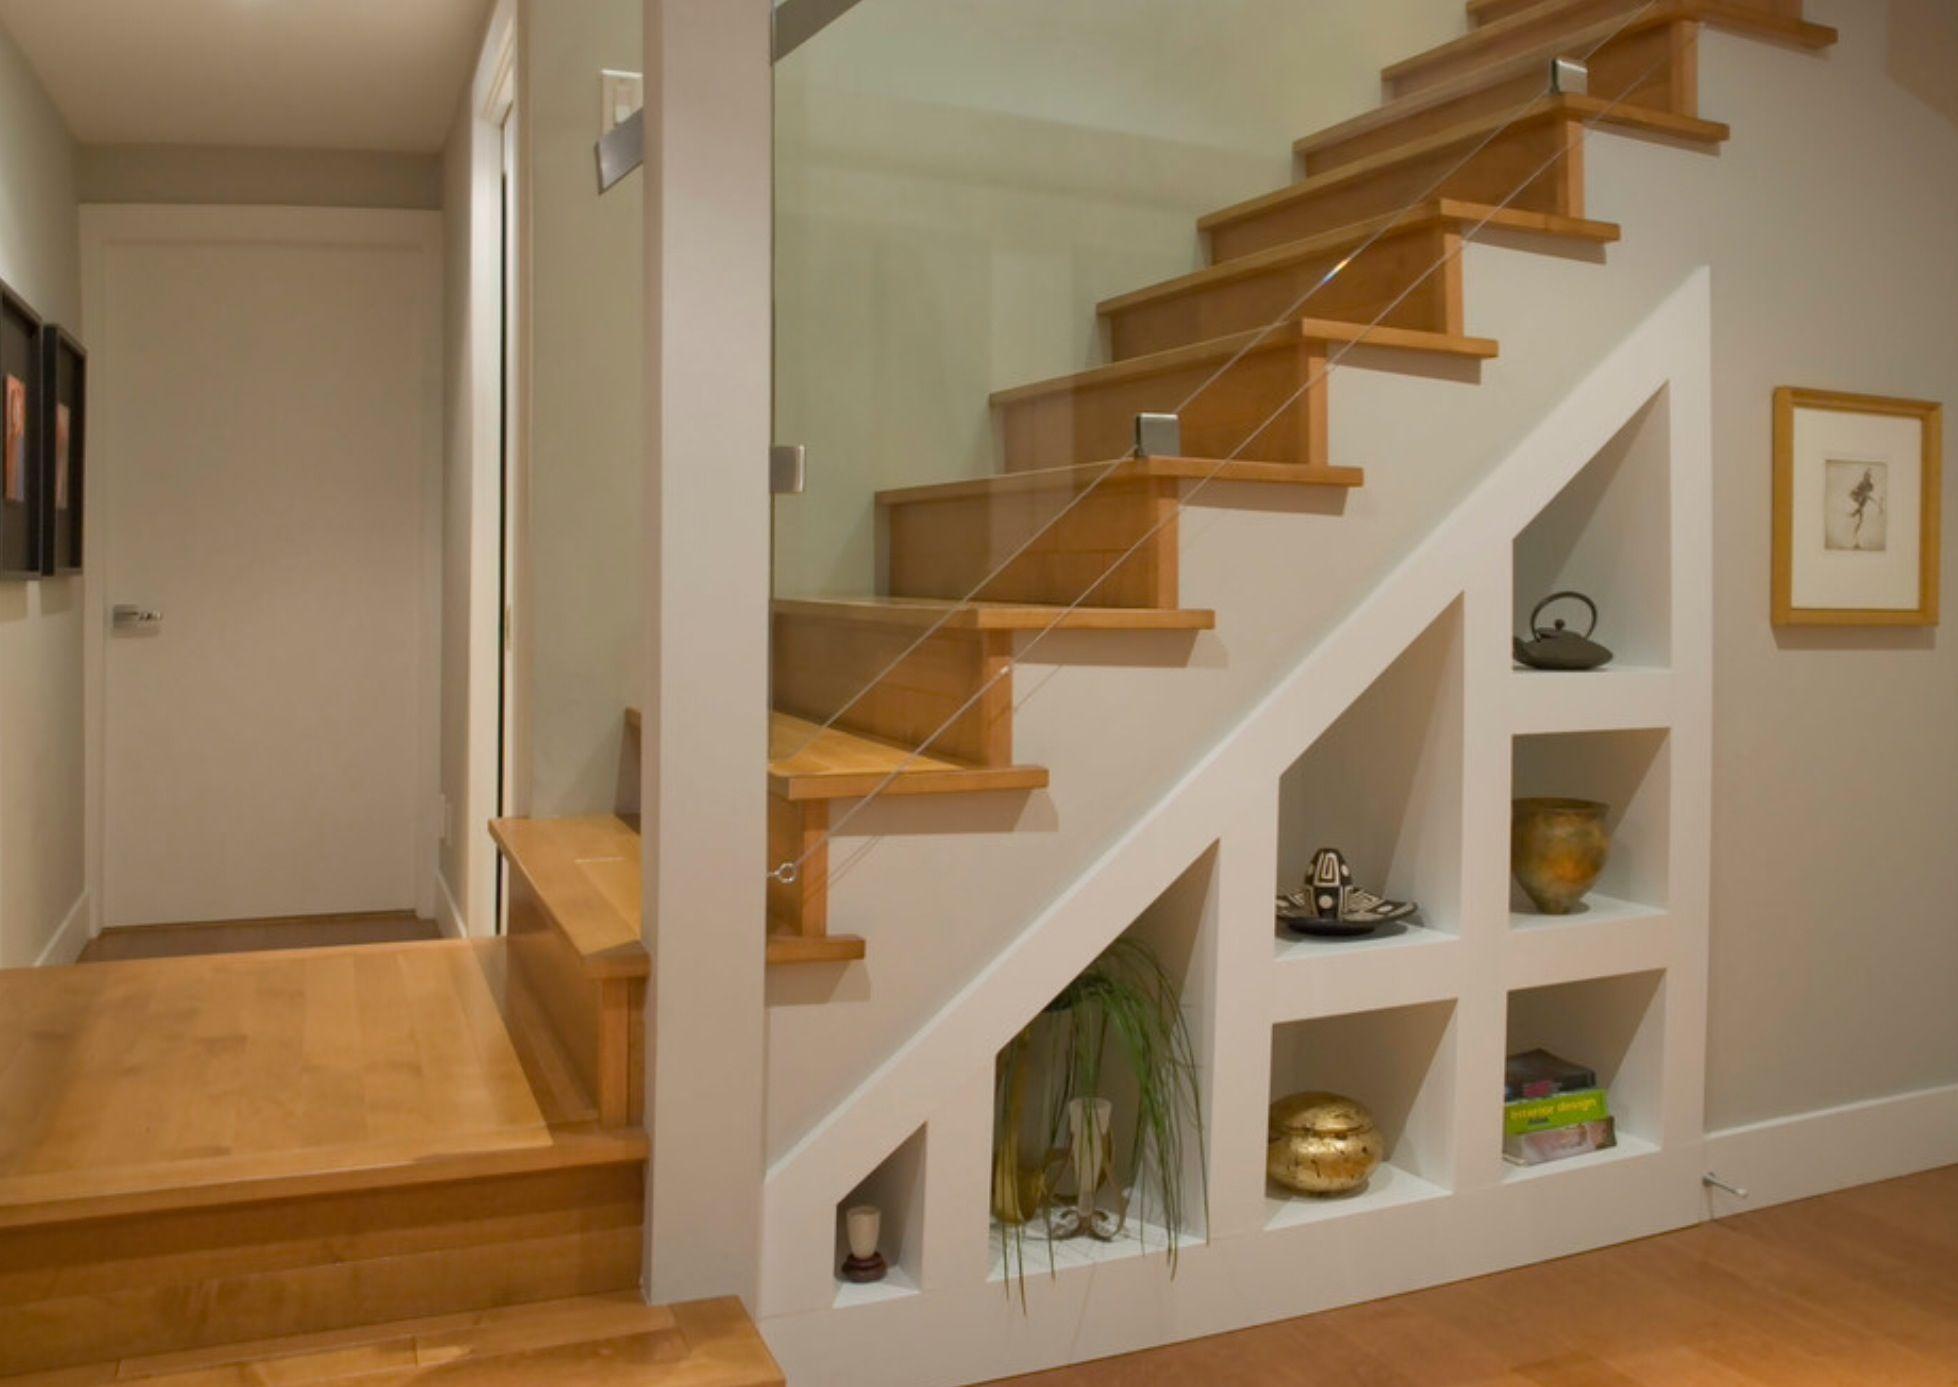 Beyond Under Stairs Storage Design Ideas Wine Rack Cupboards